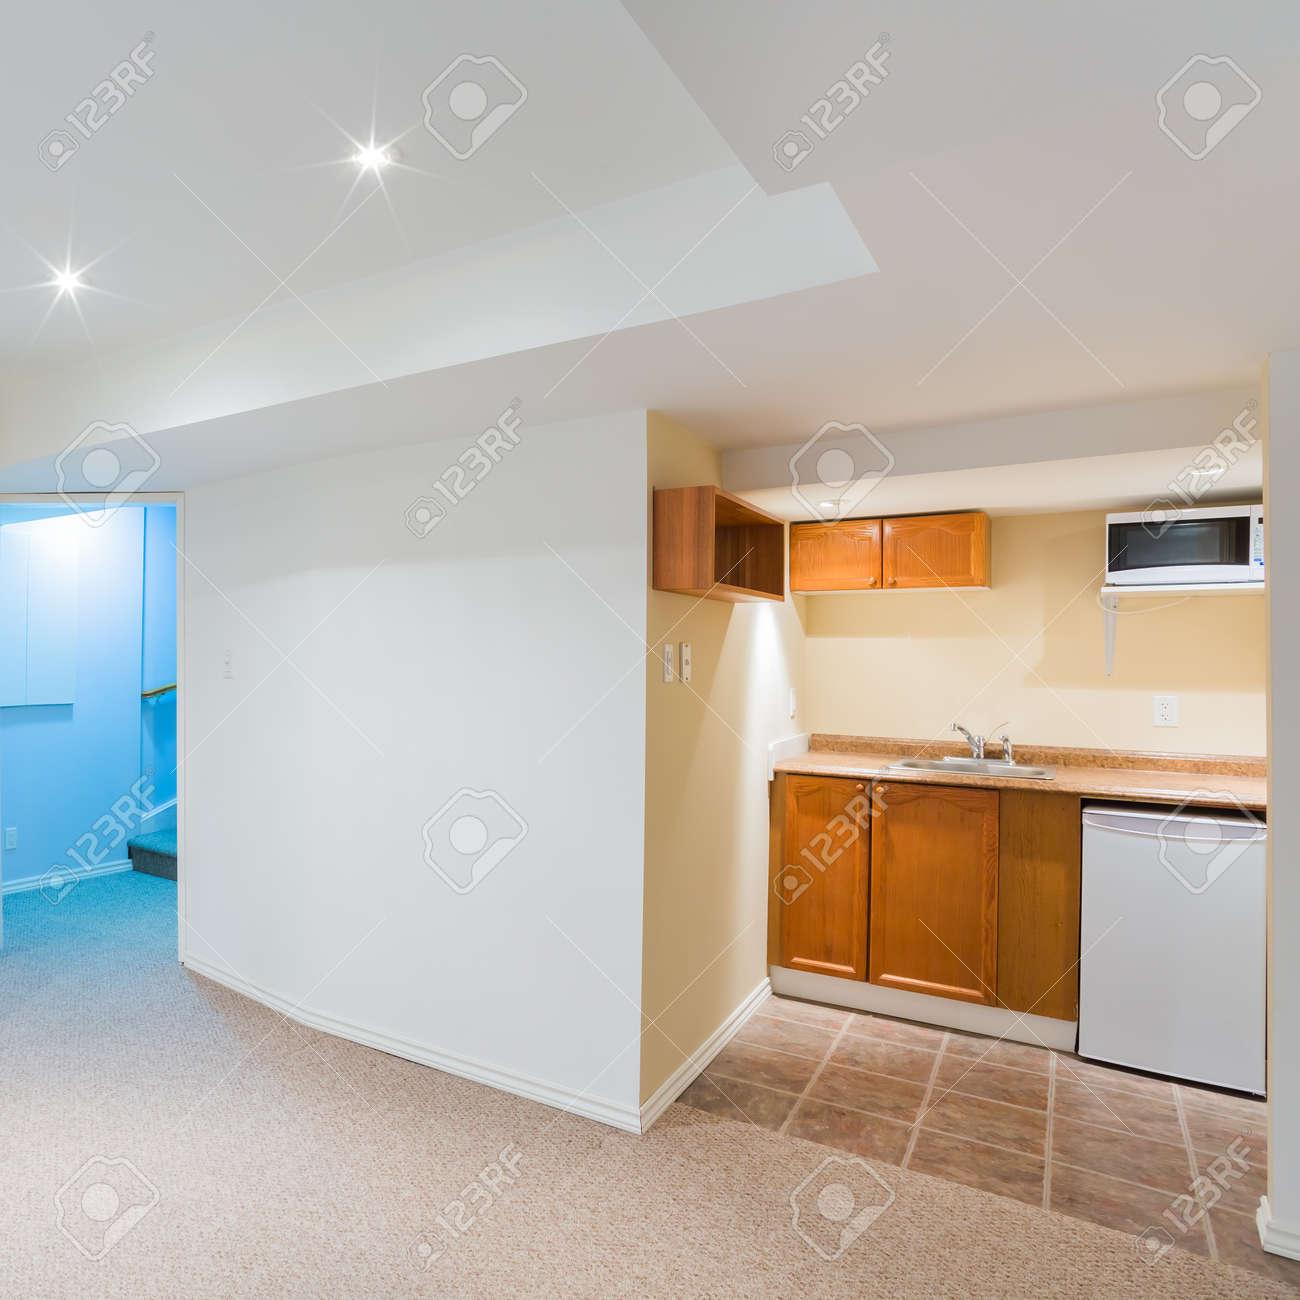 Keller Leer Wohnzimmer Mit Küche-Design Lizenzfreie Fotos, Bilder ...